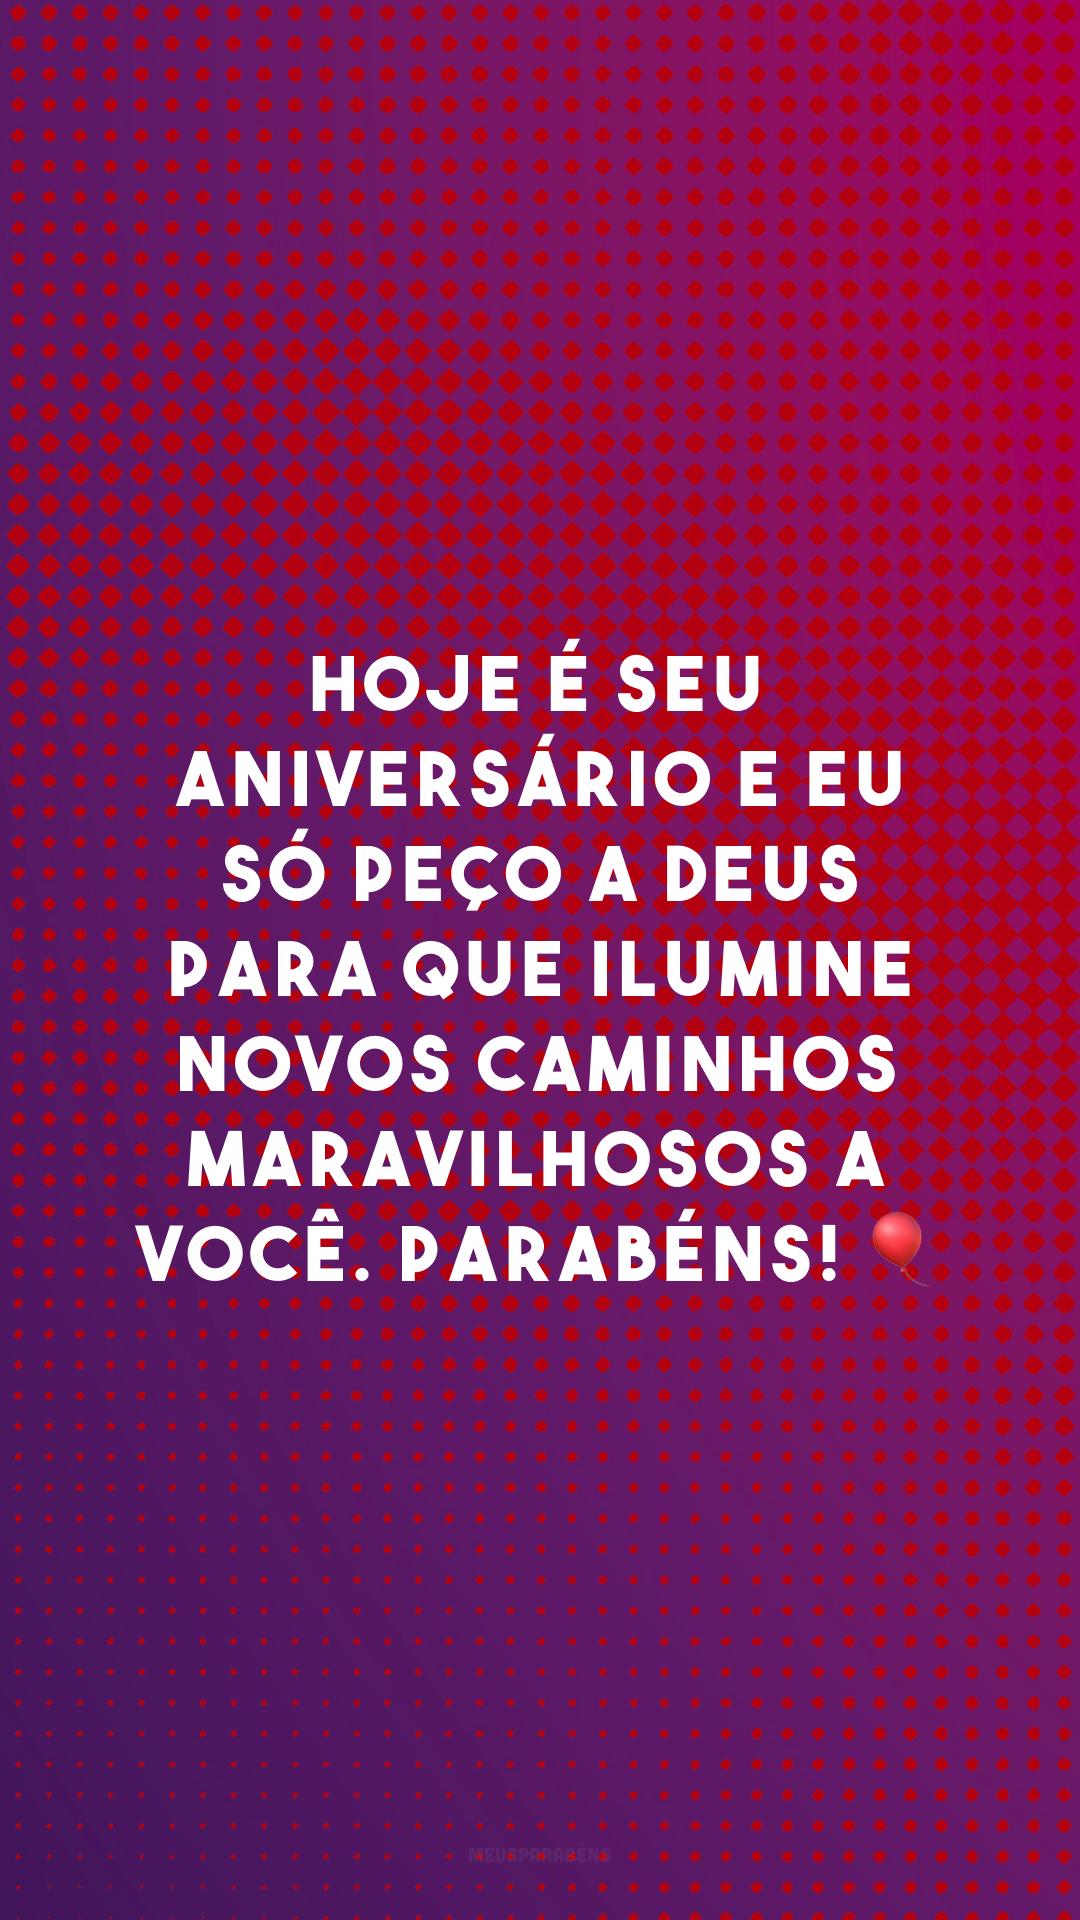 Hoje é seu aniversário e eu só peço a Deus para que ilumine novos caminhos maravilhosos a você. Parabéns! 🎈